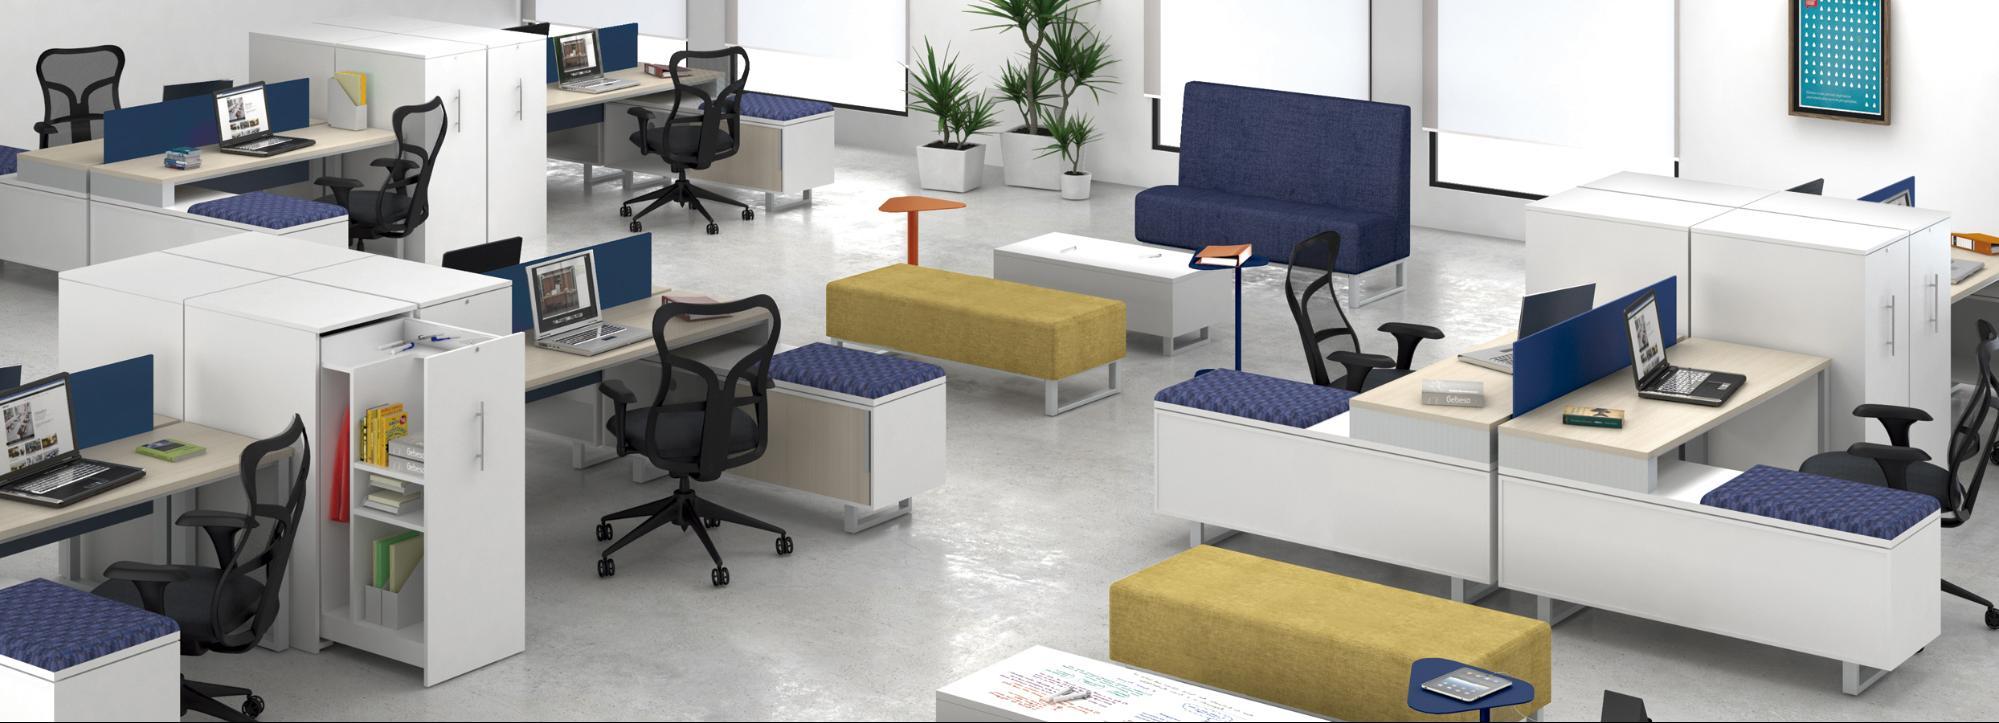 colores-en-oficinas-modernas